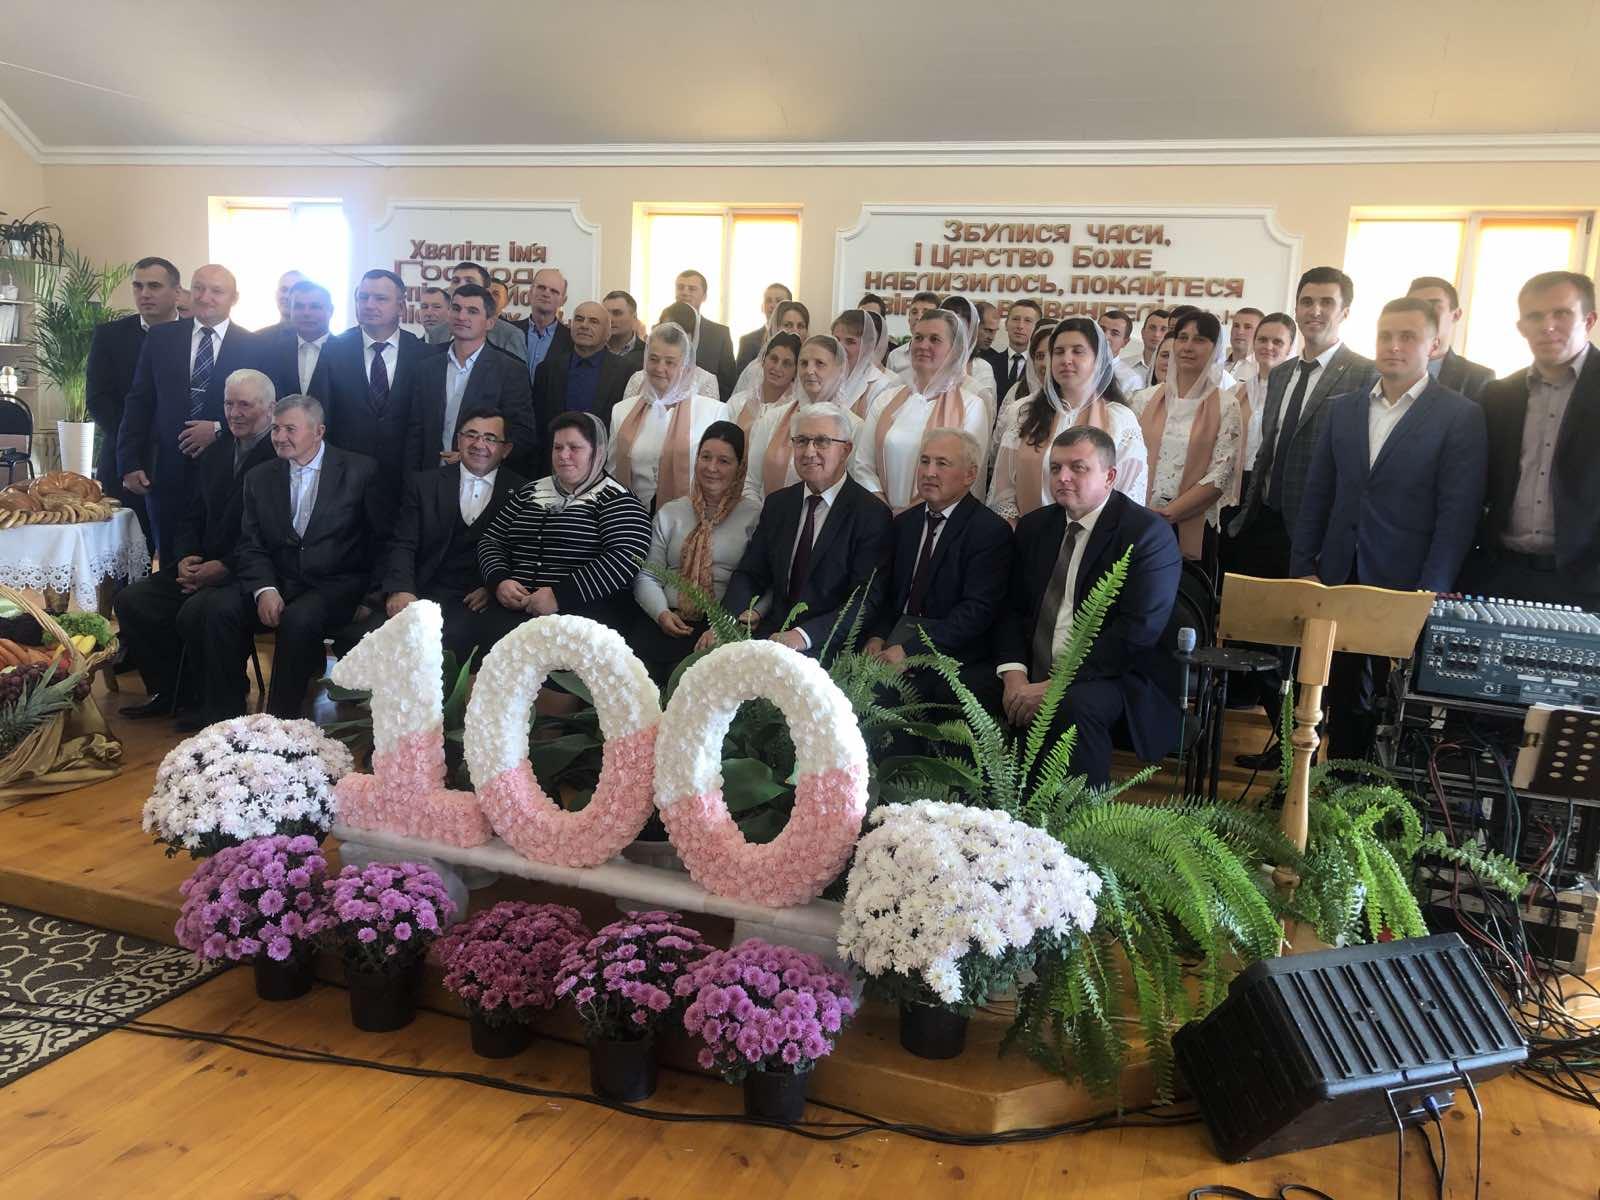 Сільська церква п'ятидесятників відзначила 100-річчя на Рівненщині